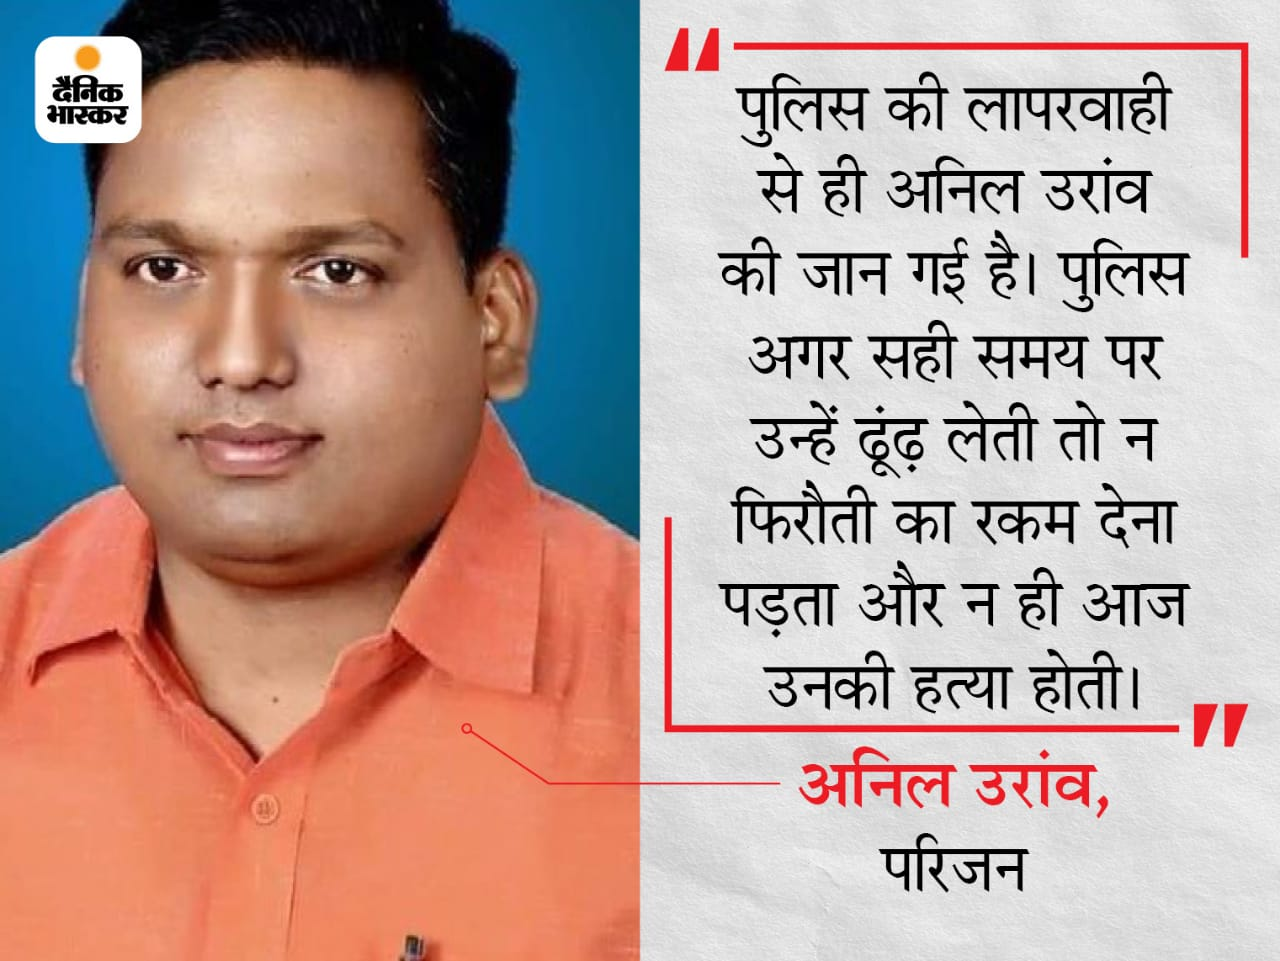 विधानसभा चुनाव लड़ चुके अनिल उरांव को पूर्णिया में 3 दिन पहले किया था अगवा, आज मिली लाश; विरोध में बवाल पूर्णिया,Purnia - Dainik Bhaskar